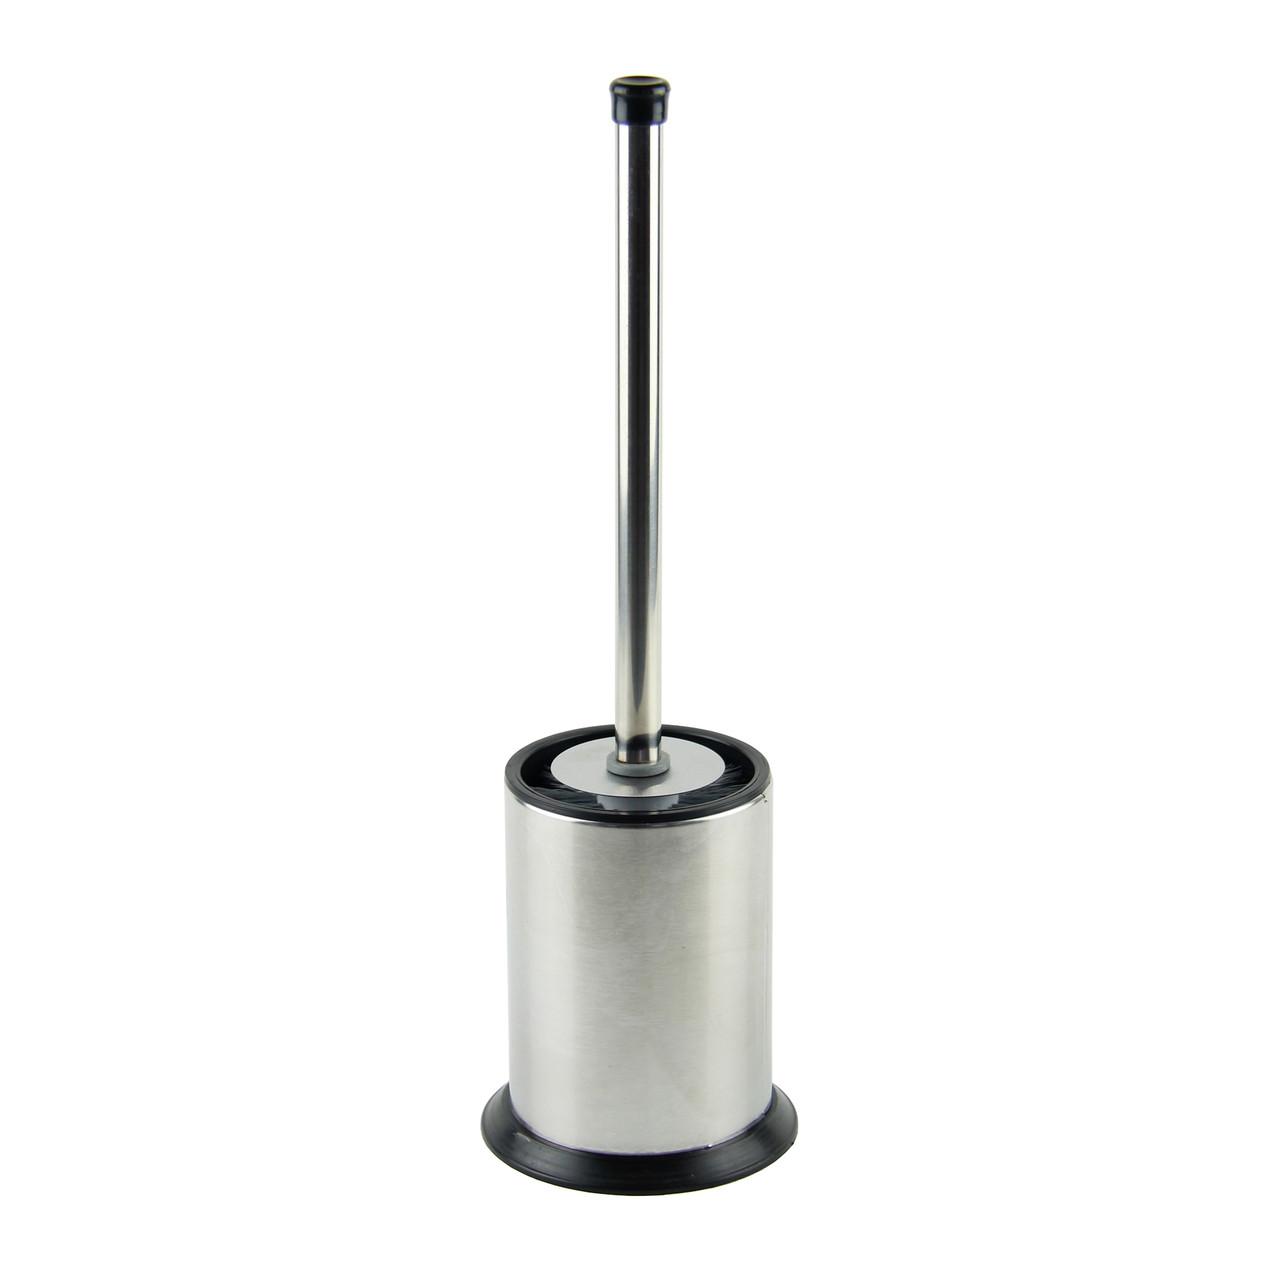 Ершик напольный для унитаза FX086 (хром)